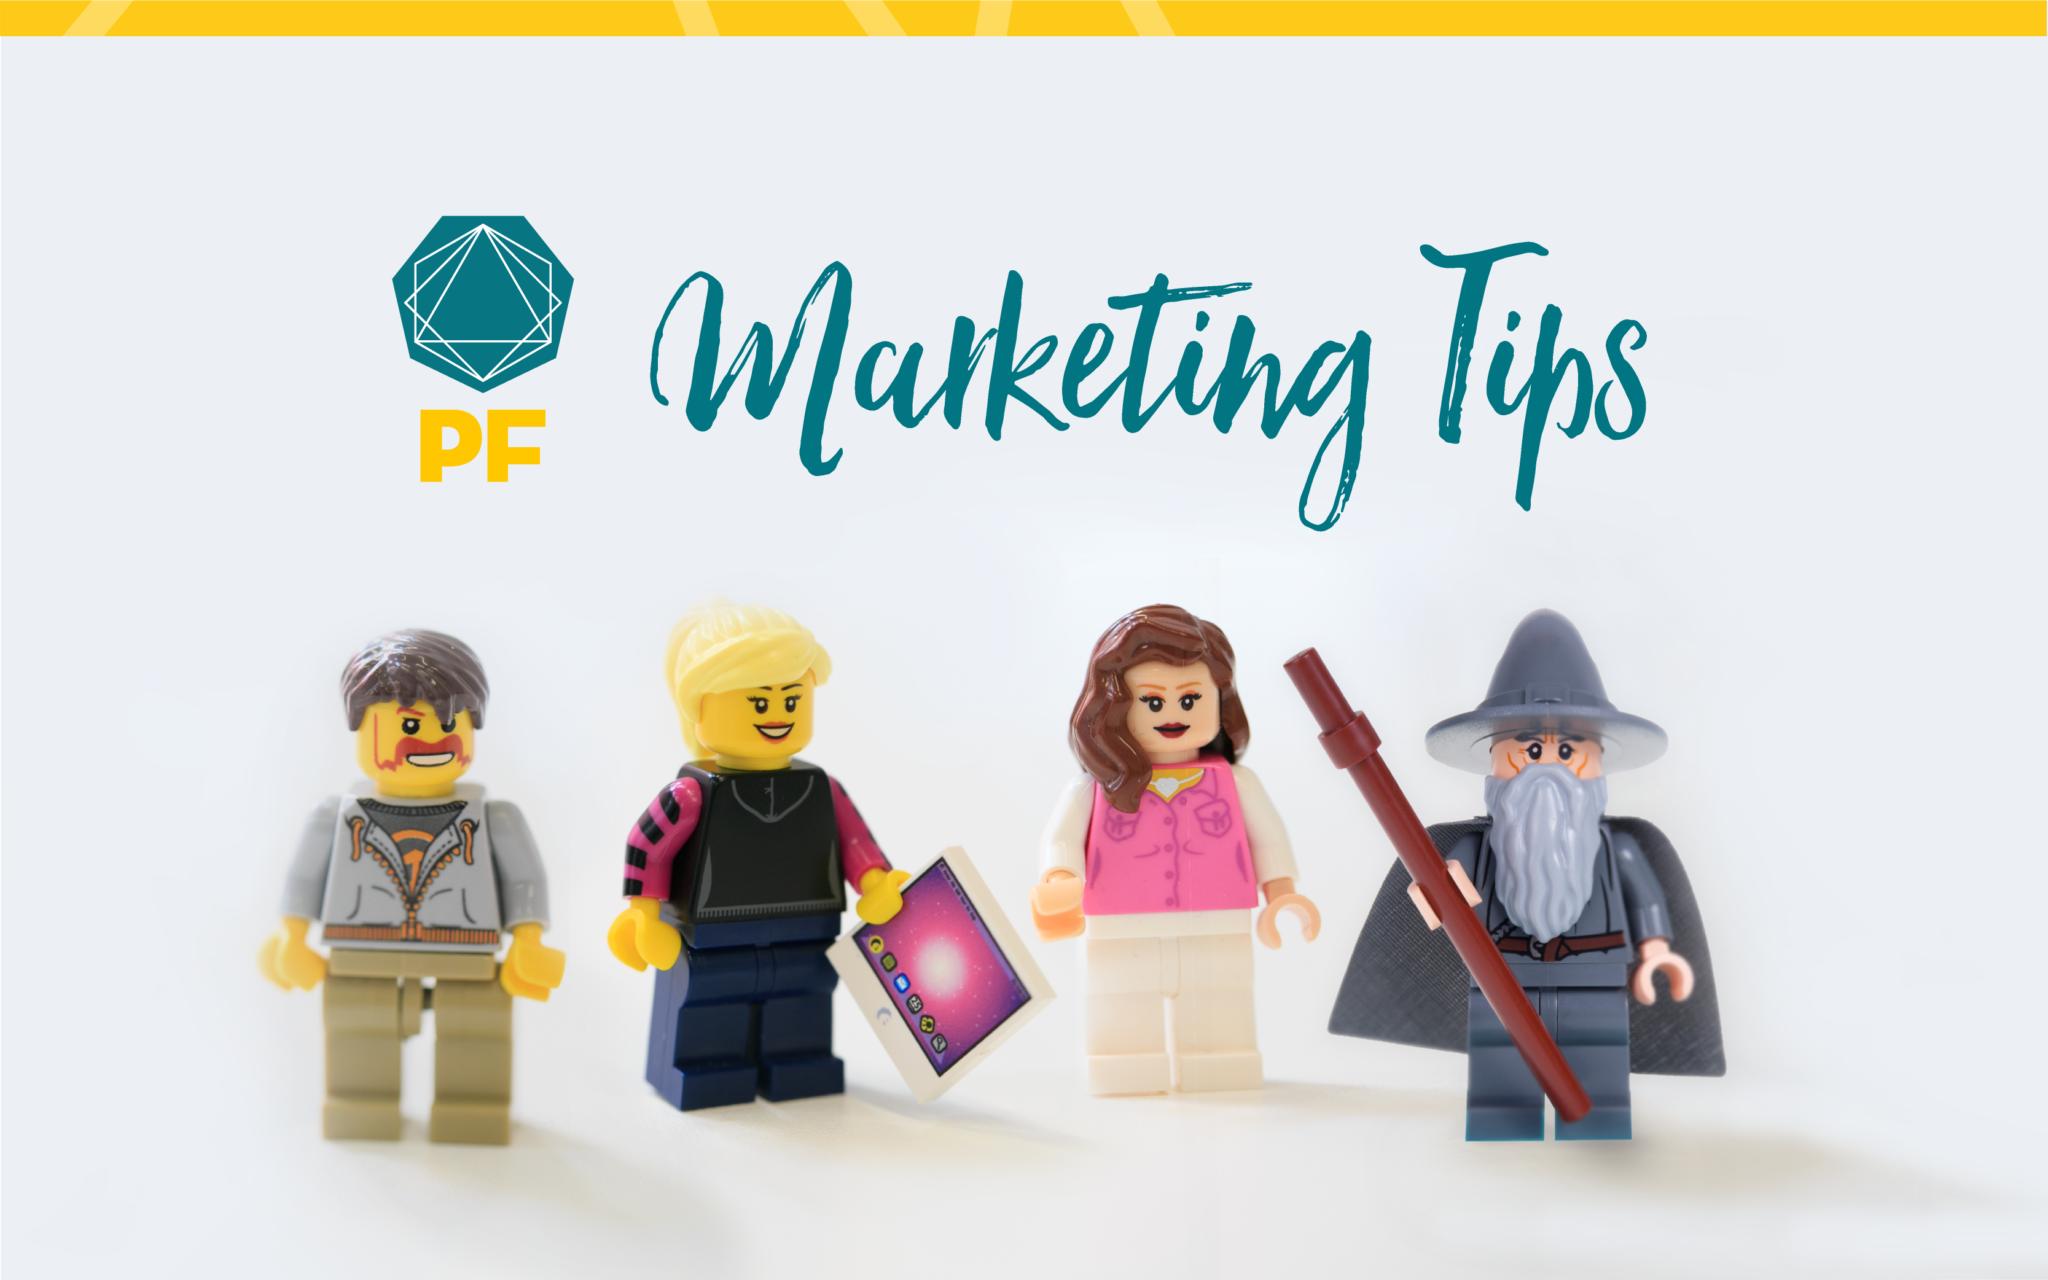 PF team marketing tips